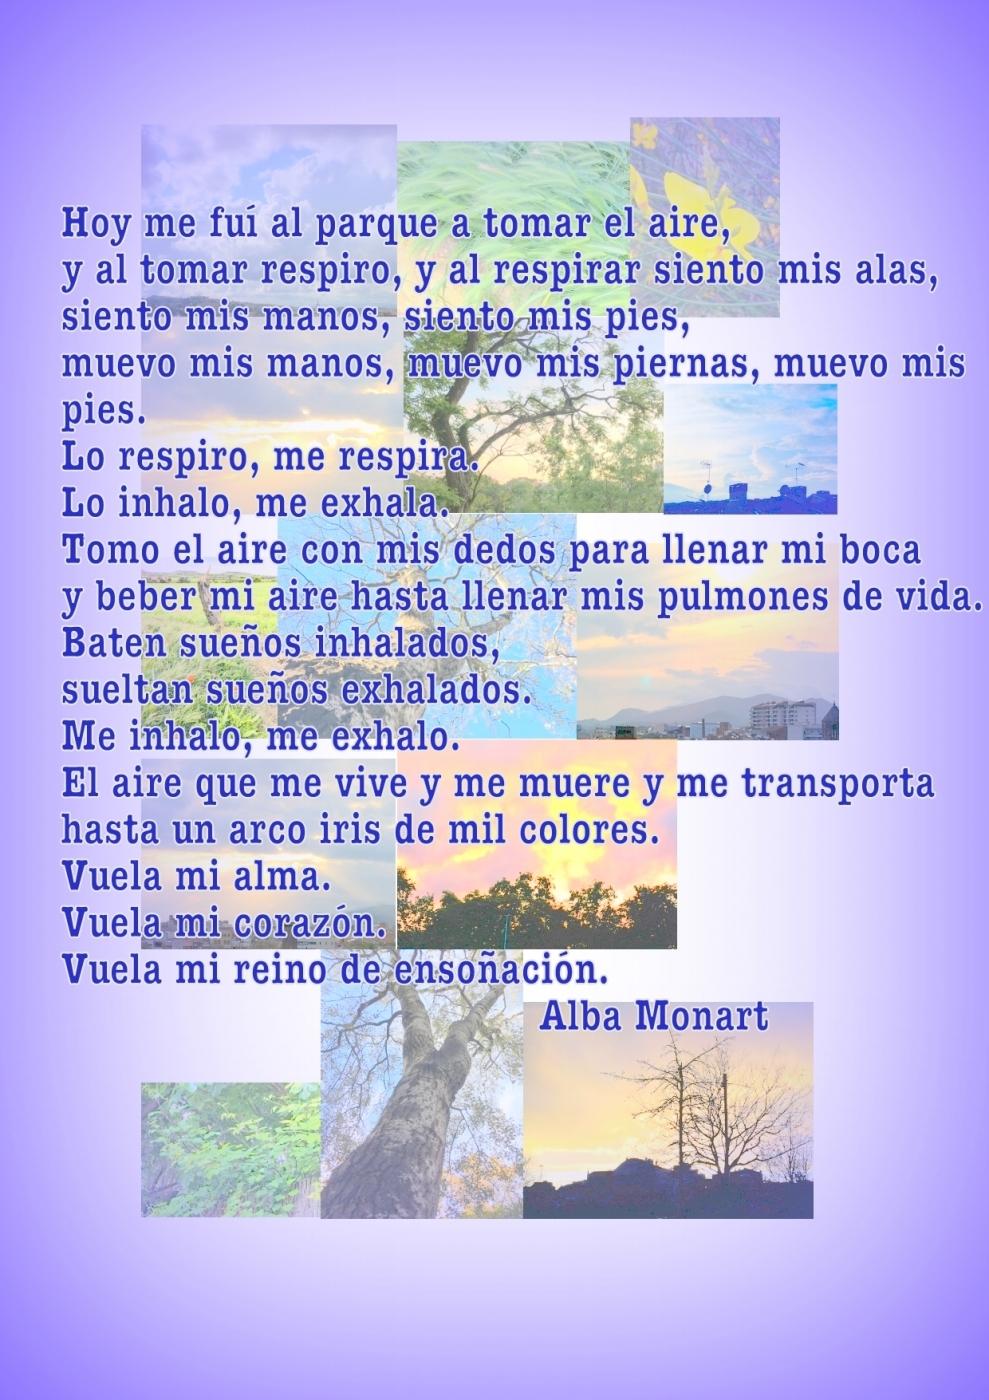 Poema Aire